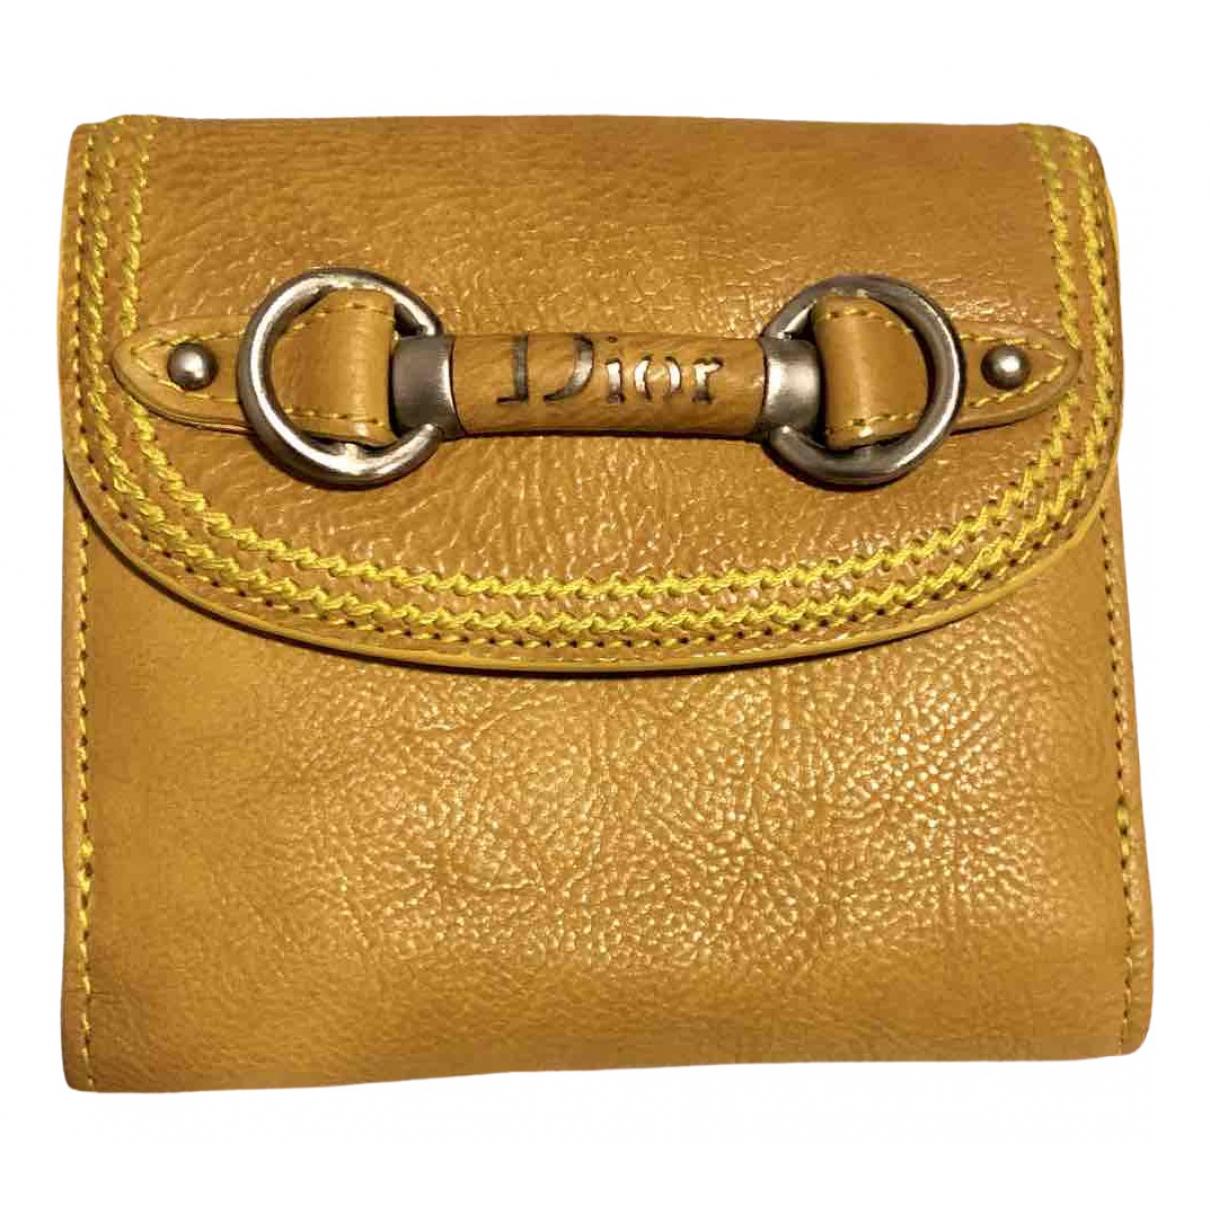 Dior \N Portemonnaie in  Gelb Leder